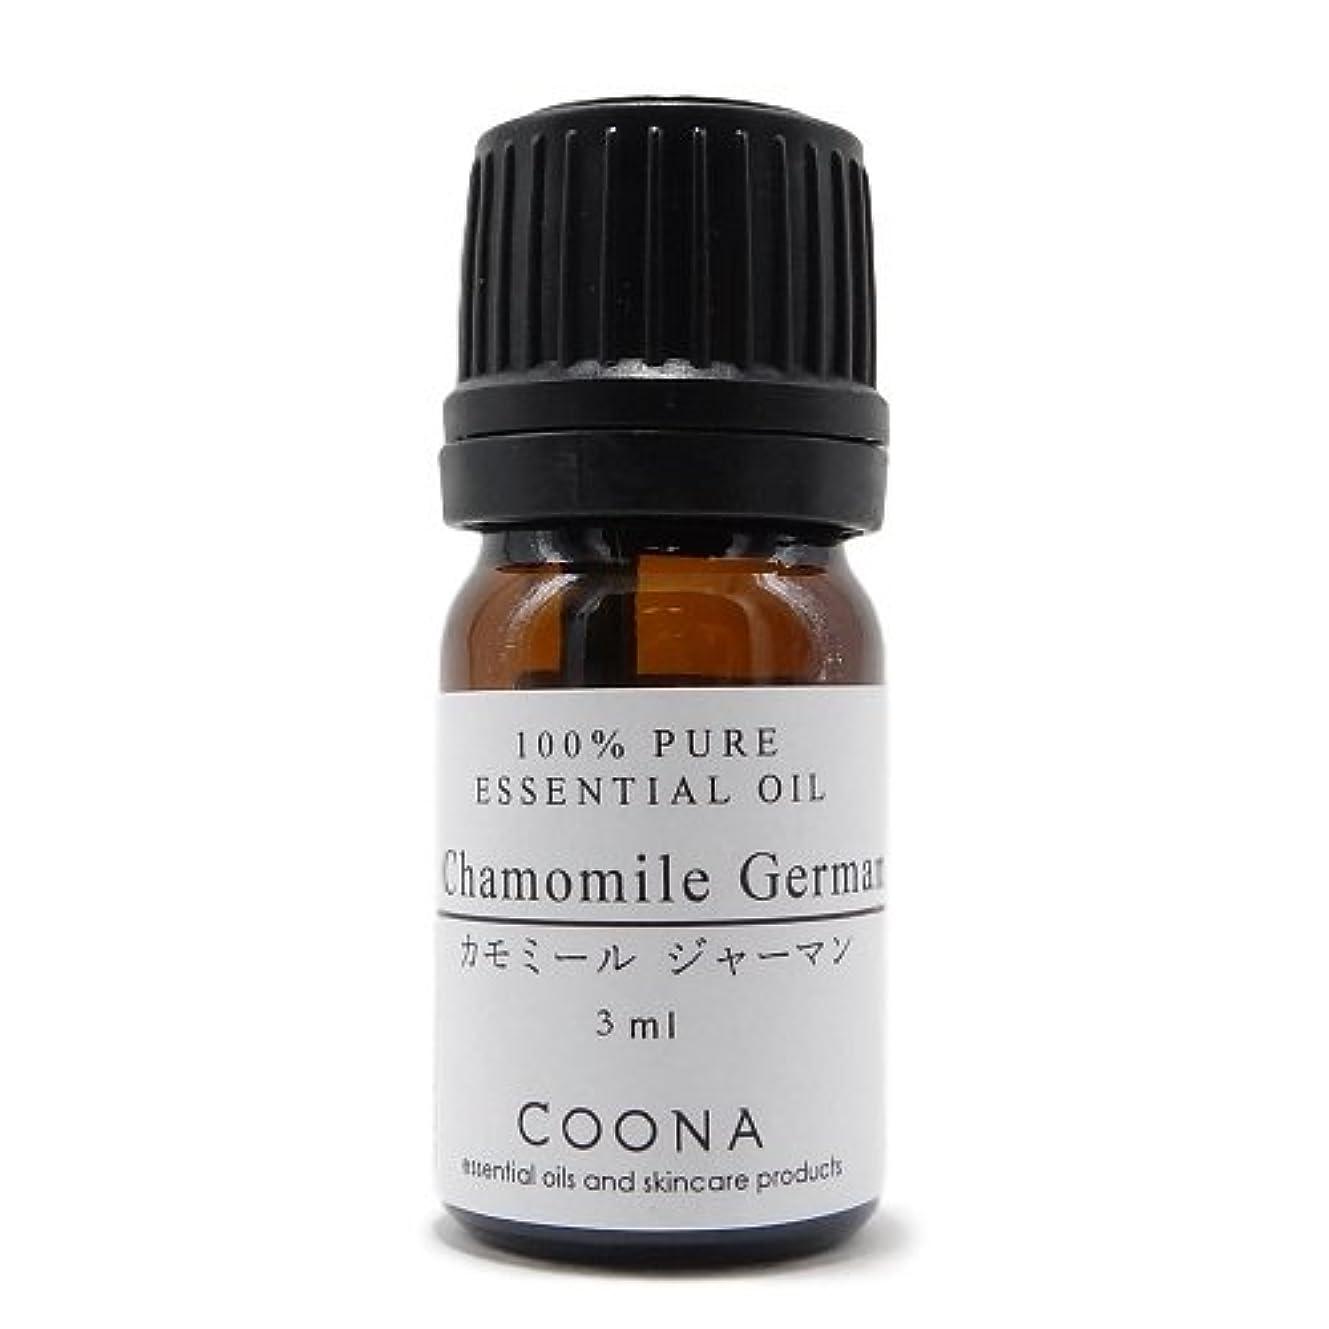 不誠実仮定するバケットカモミール ジャーマン 3 ml (COONA エッセンシャルオイル アロマオイル 100% 天然植物精油)